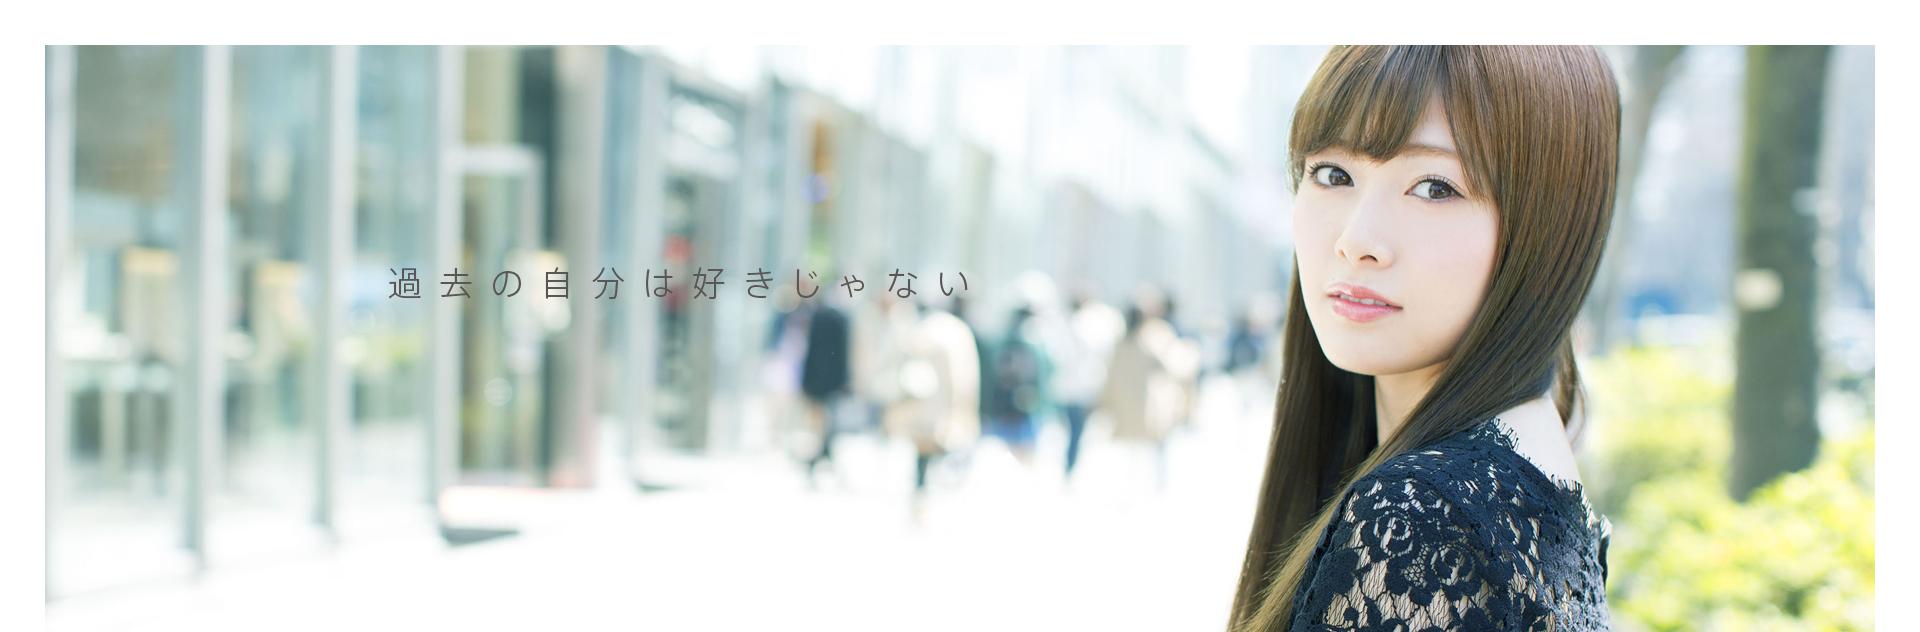 乃木坂 46 ドキュメンタリー 映画